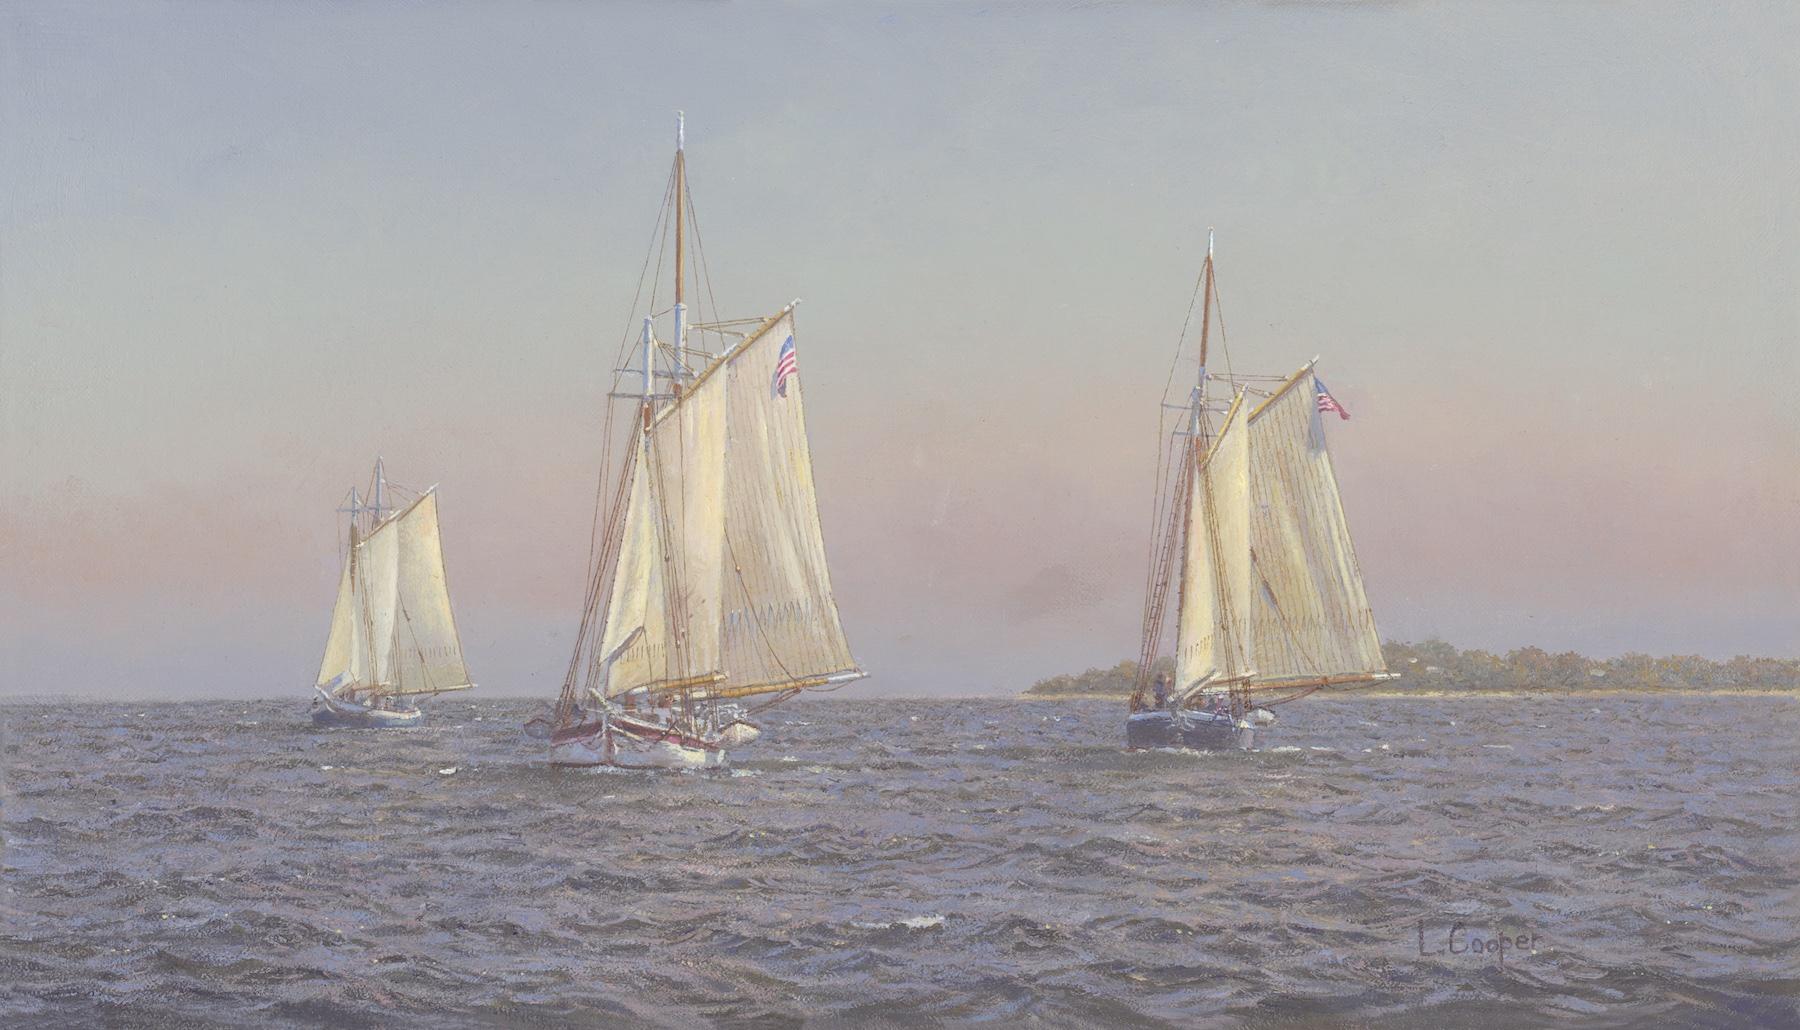 Coastal Schooners